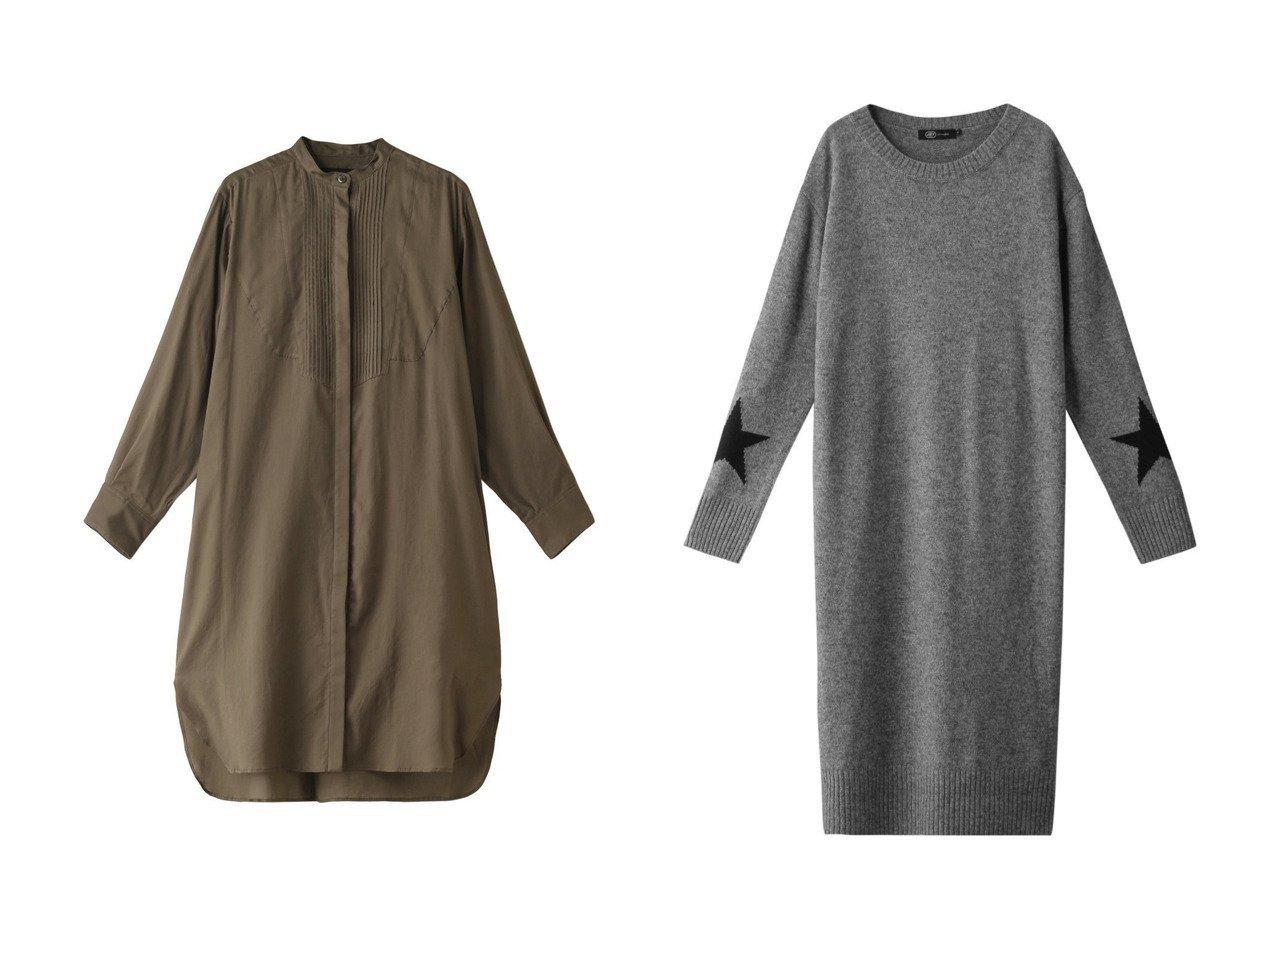 【FLORENT/フローレント】の80sコットンビエラワッシャーワンピース&【JET/ジェット】の【JET LOSANGELES】ヤクプラスニットロングワンピース ワンピース・ドレスのおすすめ!人気、レディースファッションの通販  おすすめで人気のファッション通販商品 インテリア・家具・キッズファッション・メンズファッション・レディースファッション・服の通販 founy(ファニー) https://founy.com/ ファッション Fashion レディース WOMEN ワンピース Dress スリット フロント モチーフ  ID:crp329100000000710